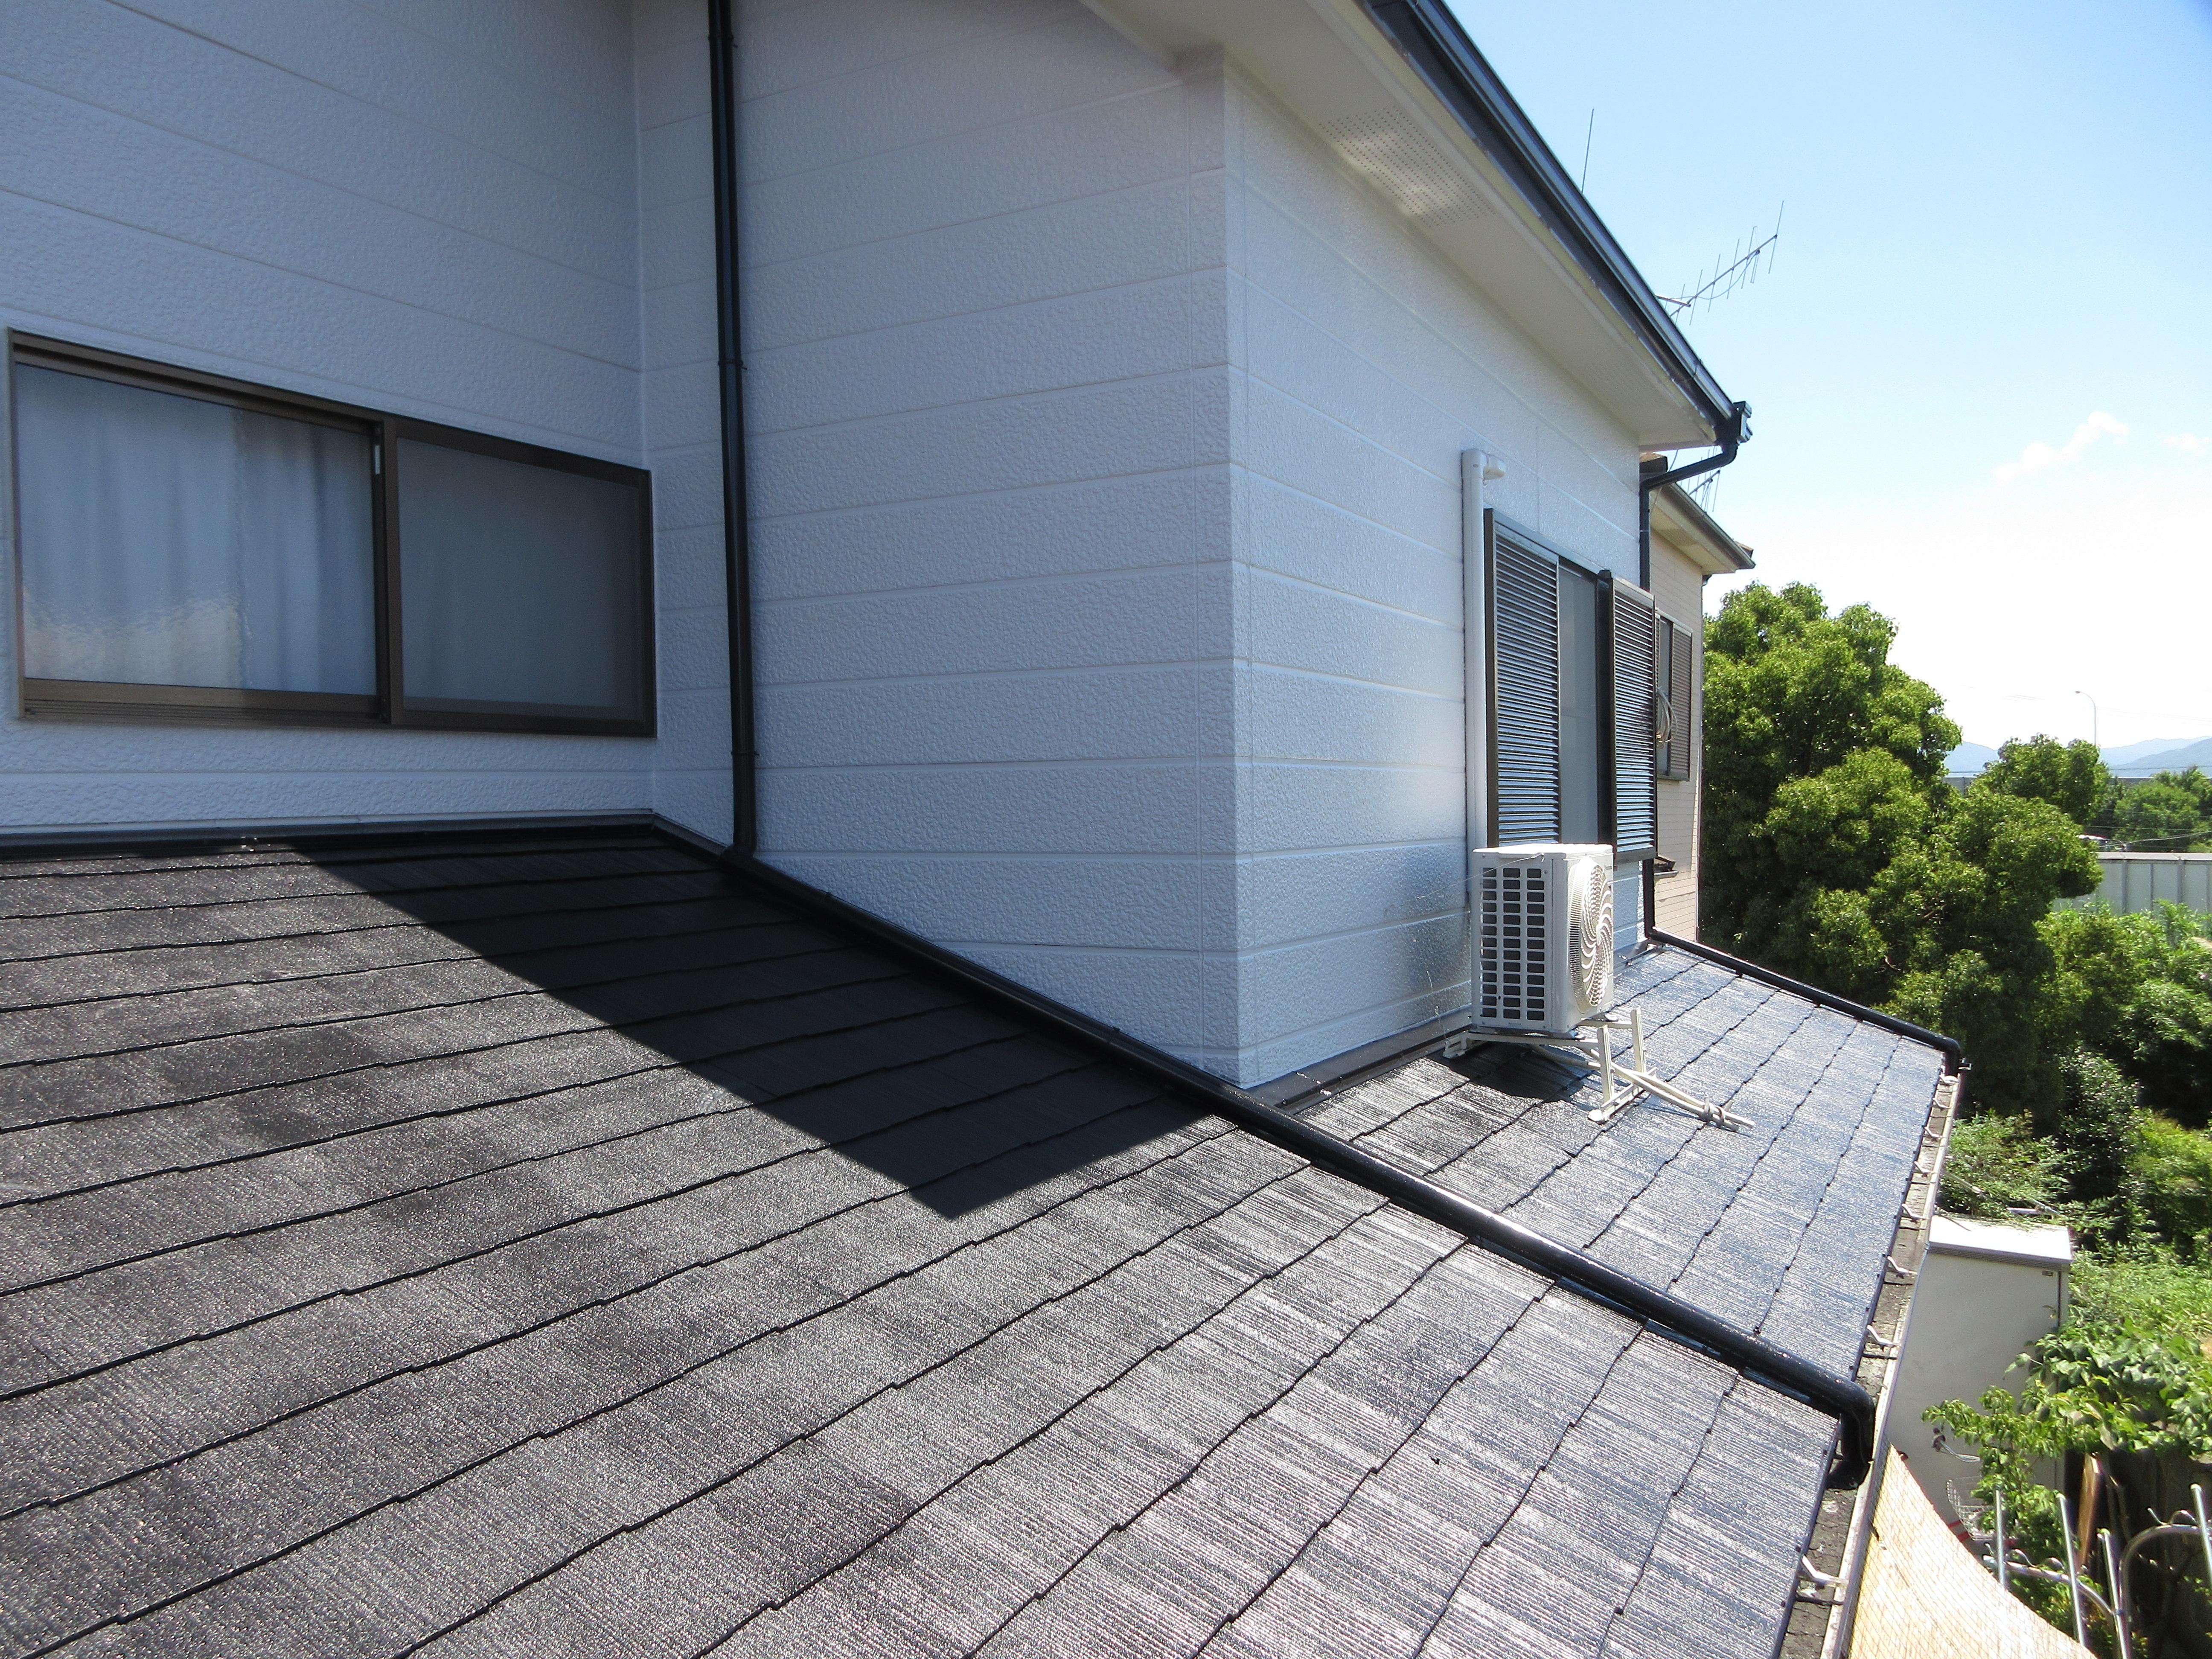 【和歌山市】T様邸<br>『ライトグレーの外壁と黒の屋根でエレガントな仕上がりに♪』6